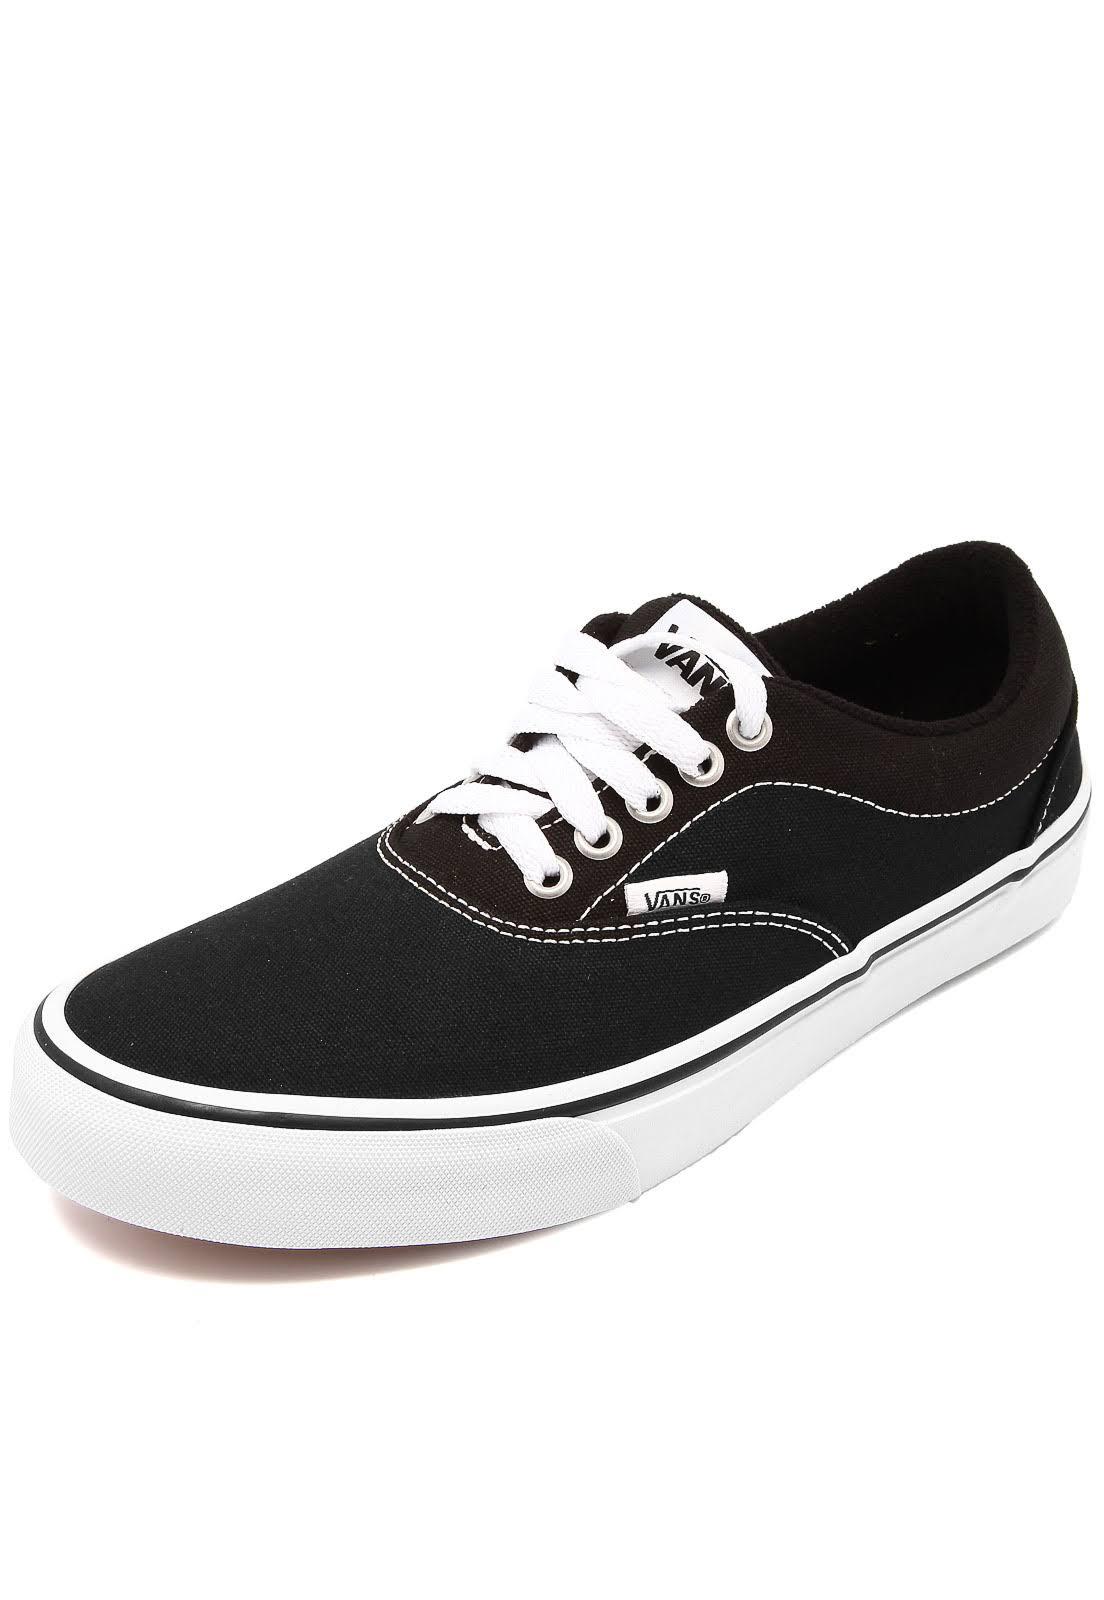 voor zwart Vans Doheny Skateschoenen herenzwartwit PZkXiOu